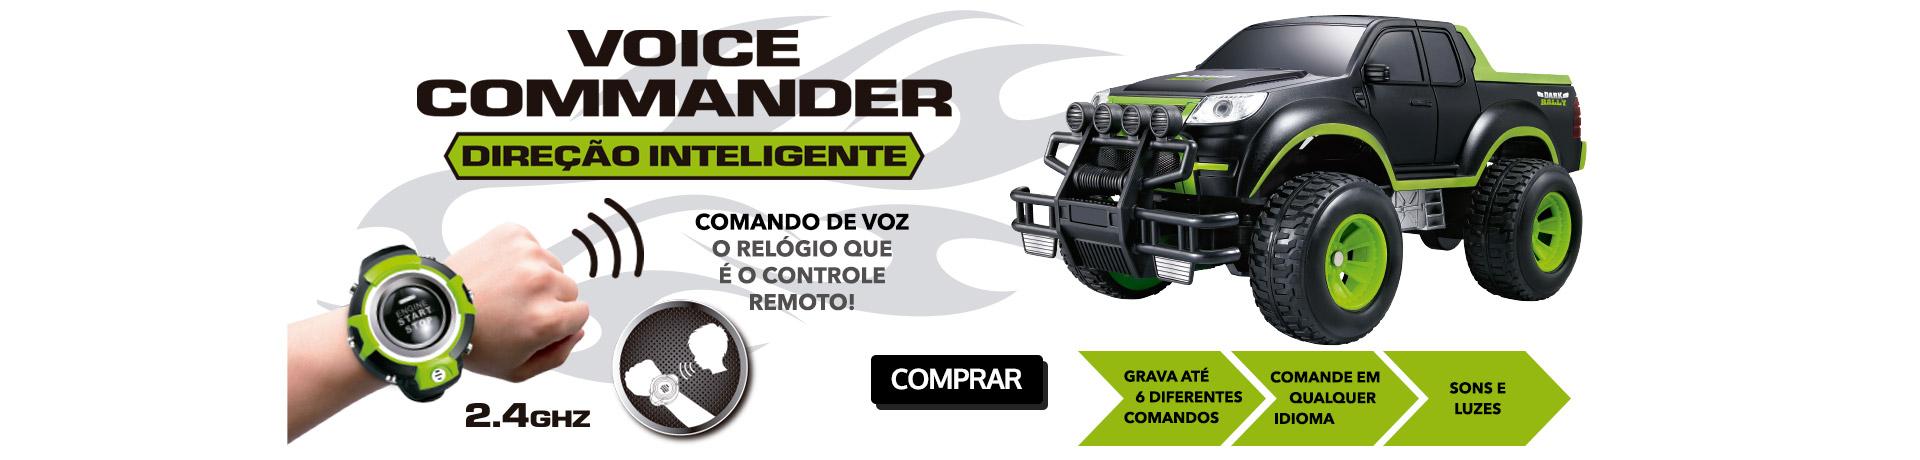 Voice Commander